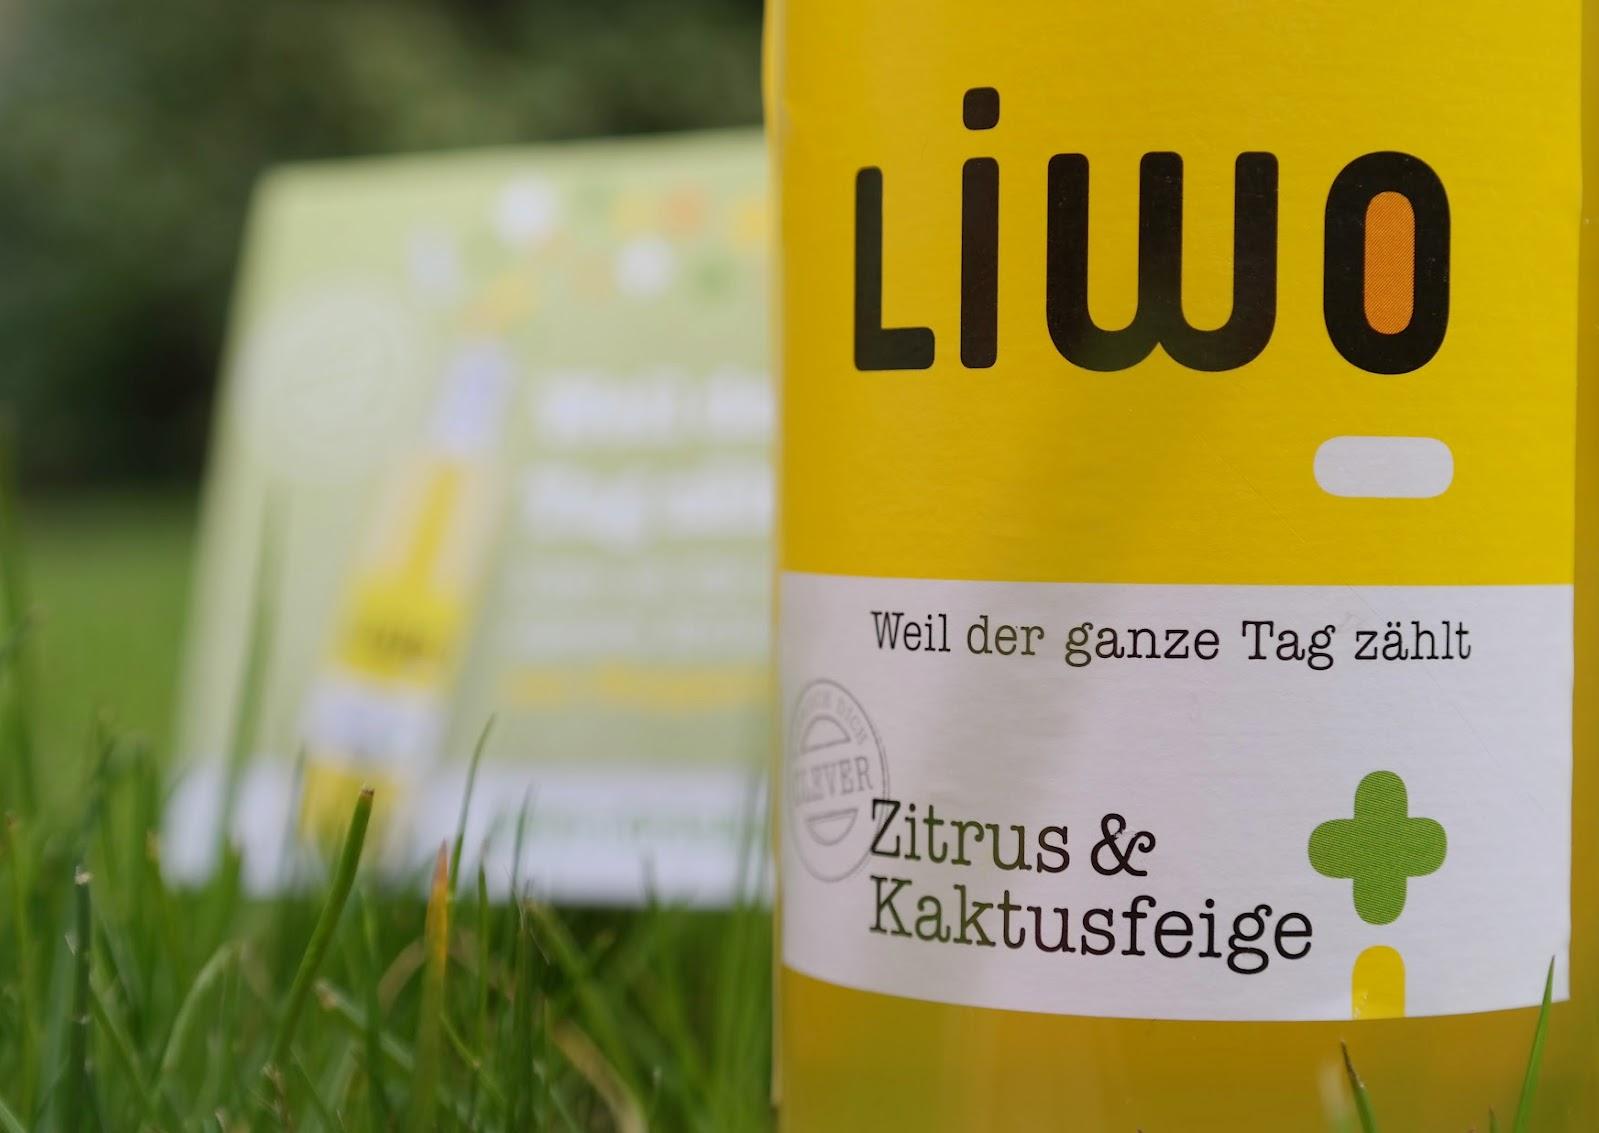 Die Energiewende: Für einen stabileren Energiehaushalt! Liwo aus Wuppertal